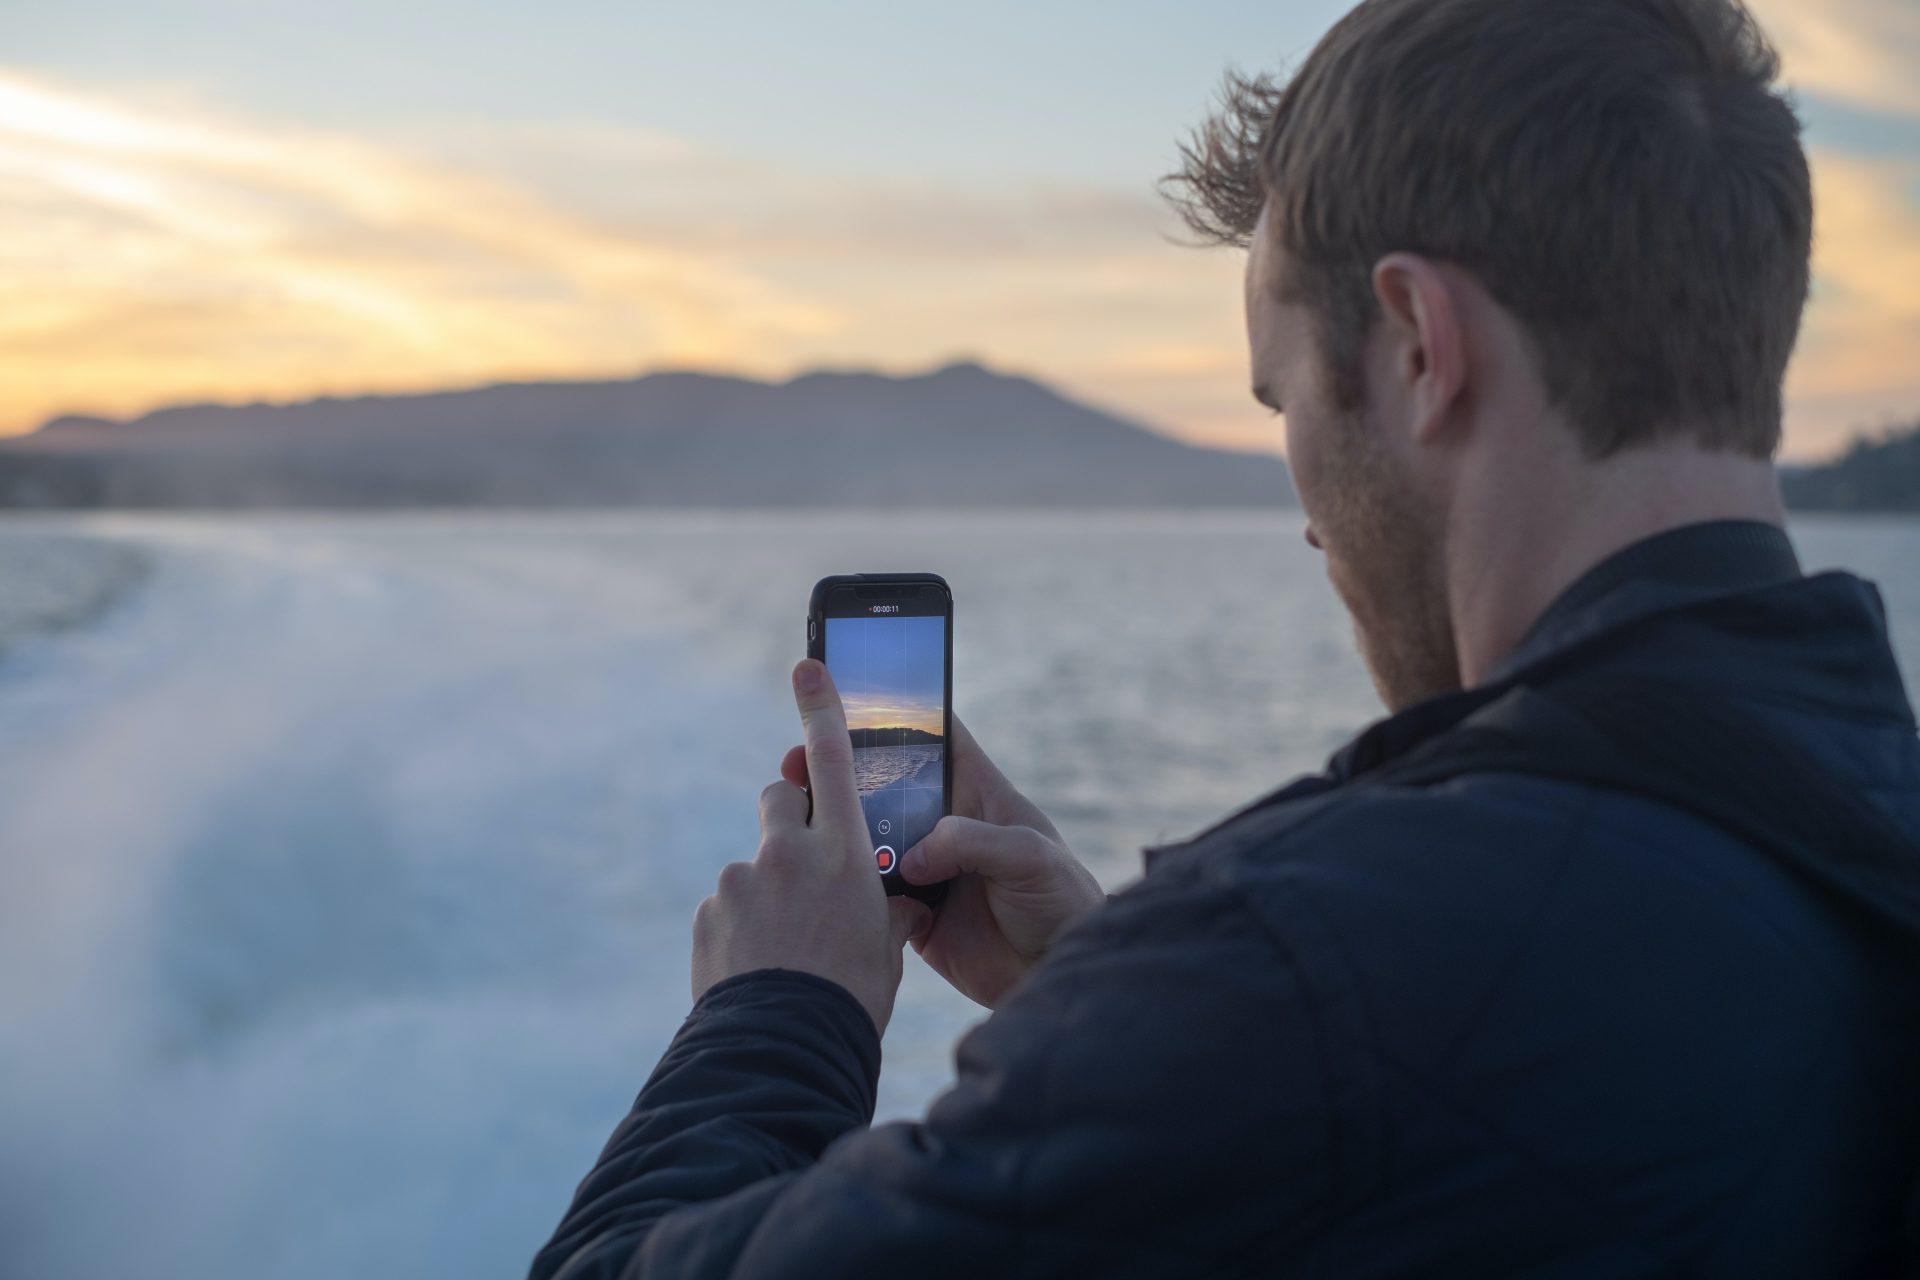 Mies ottaa puhelimella kuvaa ulkona talvimaisemissa selkä kameraan päin.